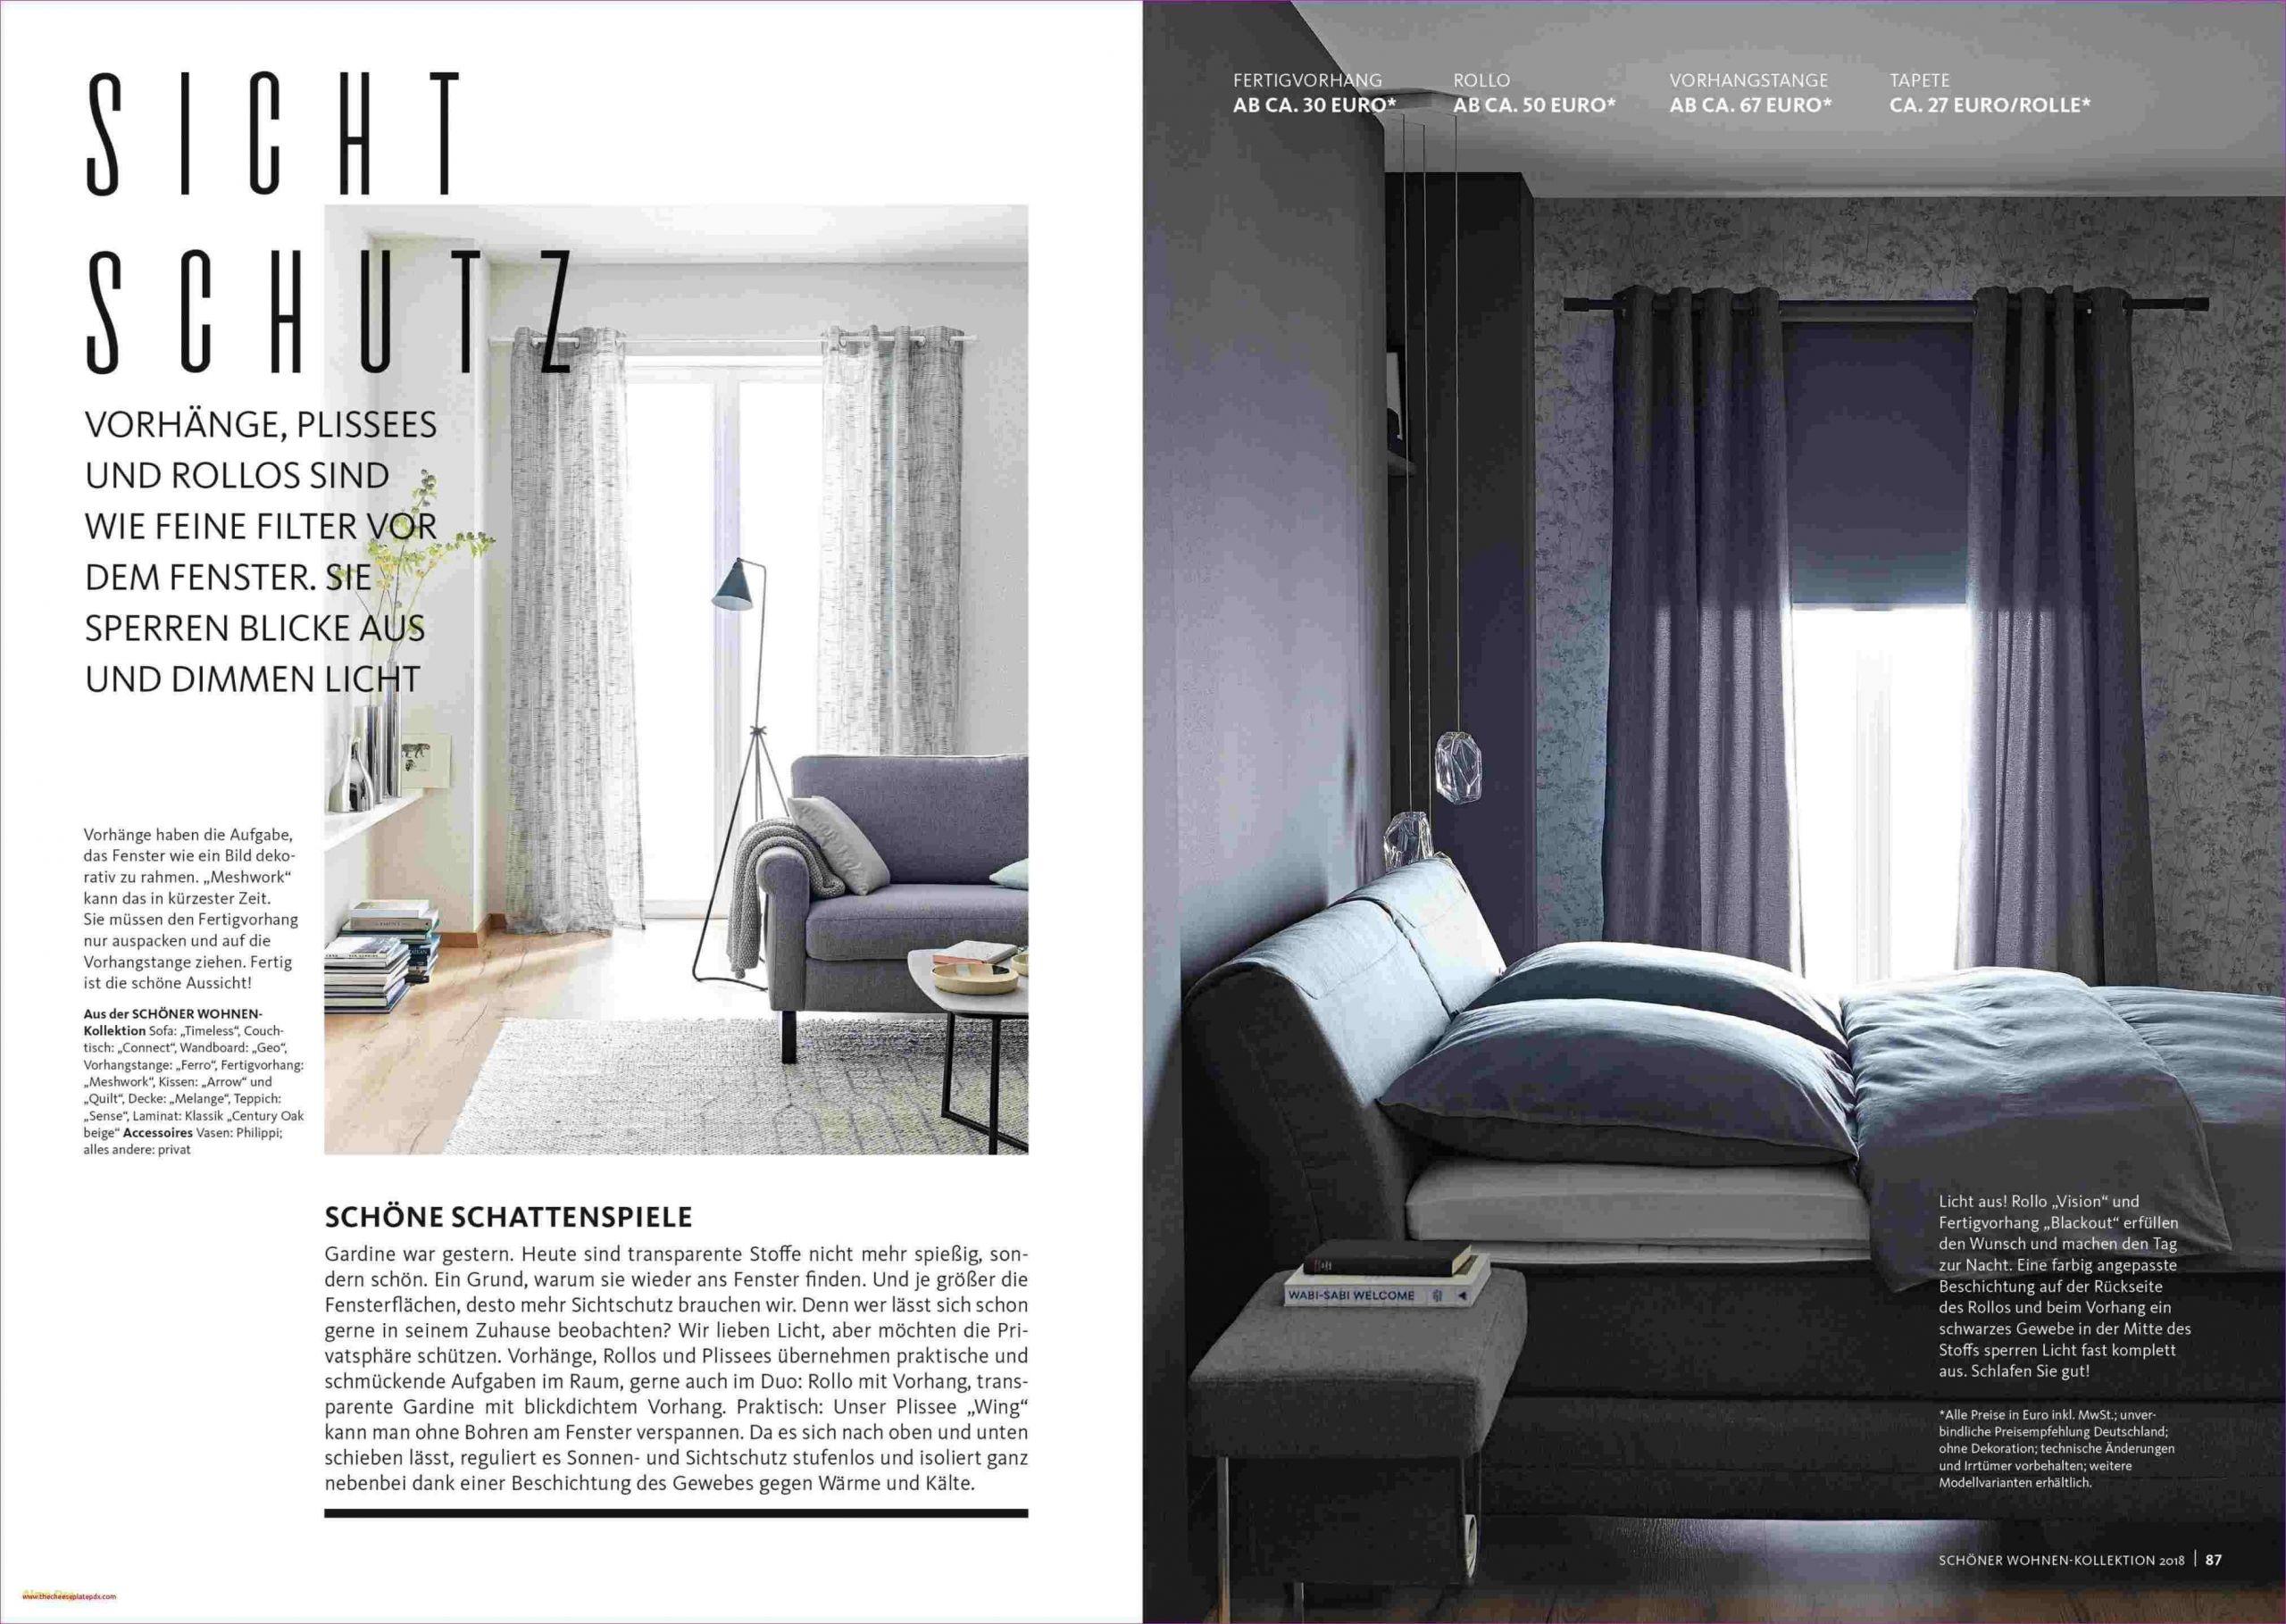 Full Size of Wohnzimmerlampen Ikea Lampen Wohnzimmer Neu Moderne Genial Unique Betten Bei Küche Kosten Sofa Mit Schlaffunktion Modulküche Kaufen Miniküche 160x200 Wohnzimmer Wohnzimmerlampen Ikea